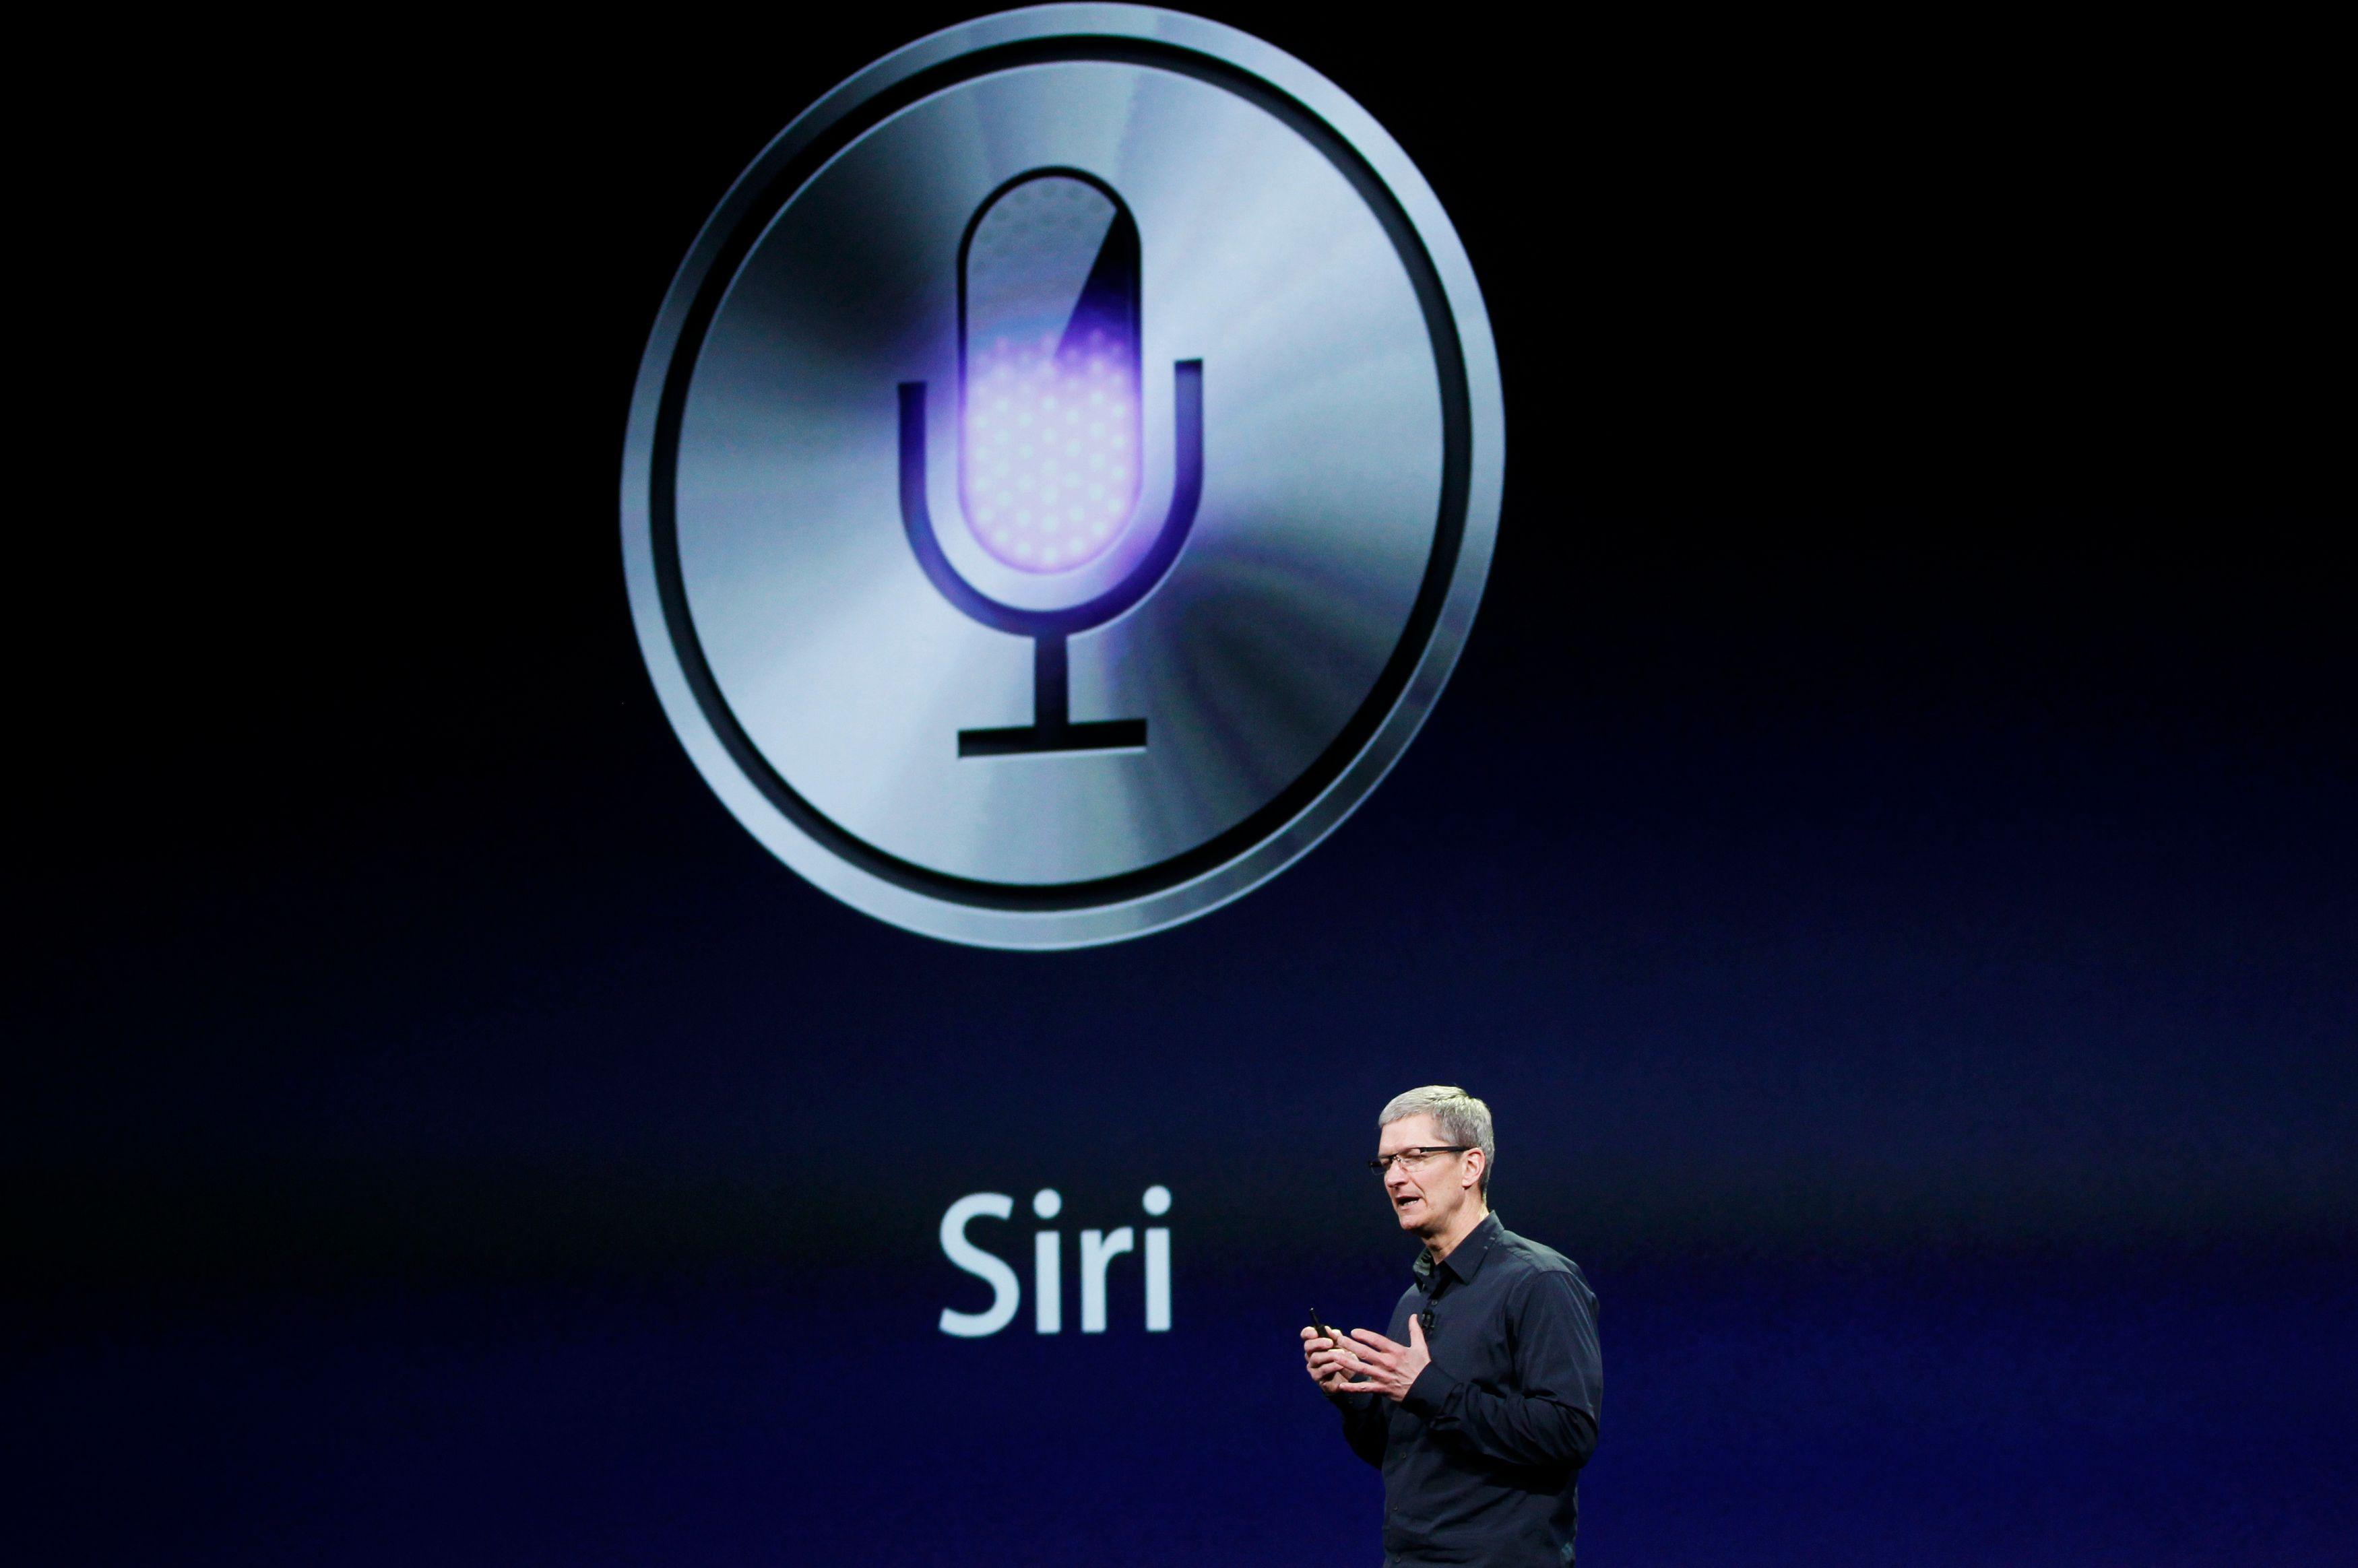 Avec l'explosion de l'assistance vocale, il n'y a pas que la SNCF ou Siri qui vont devoir trouver leur voix